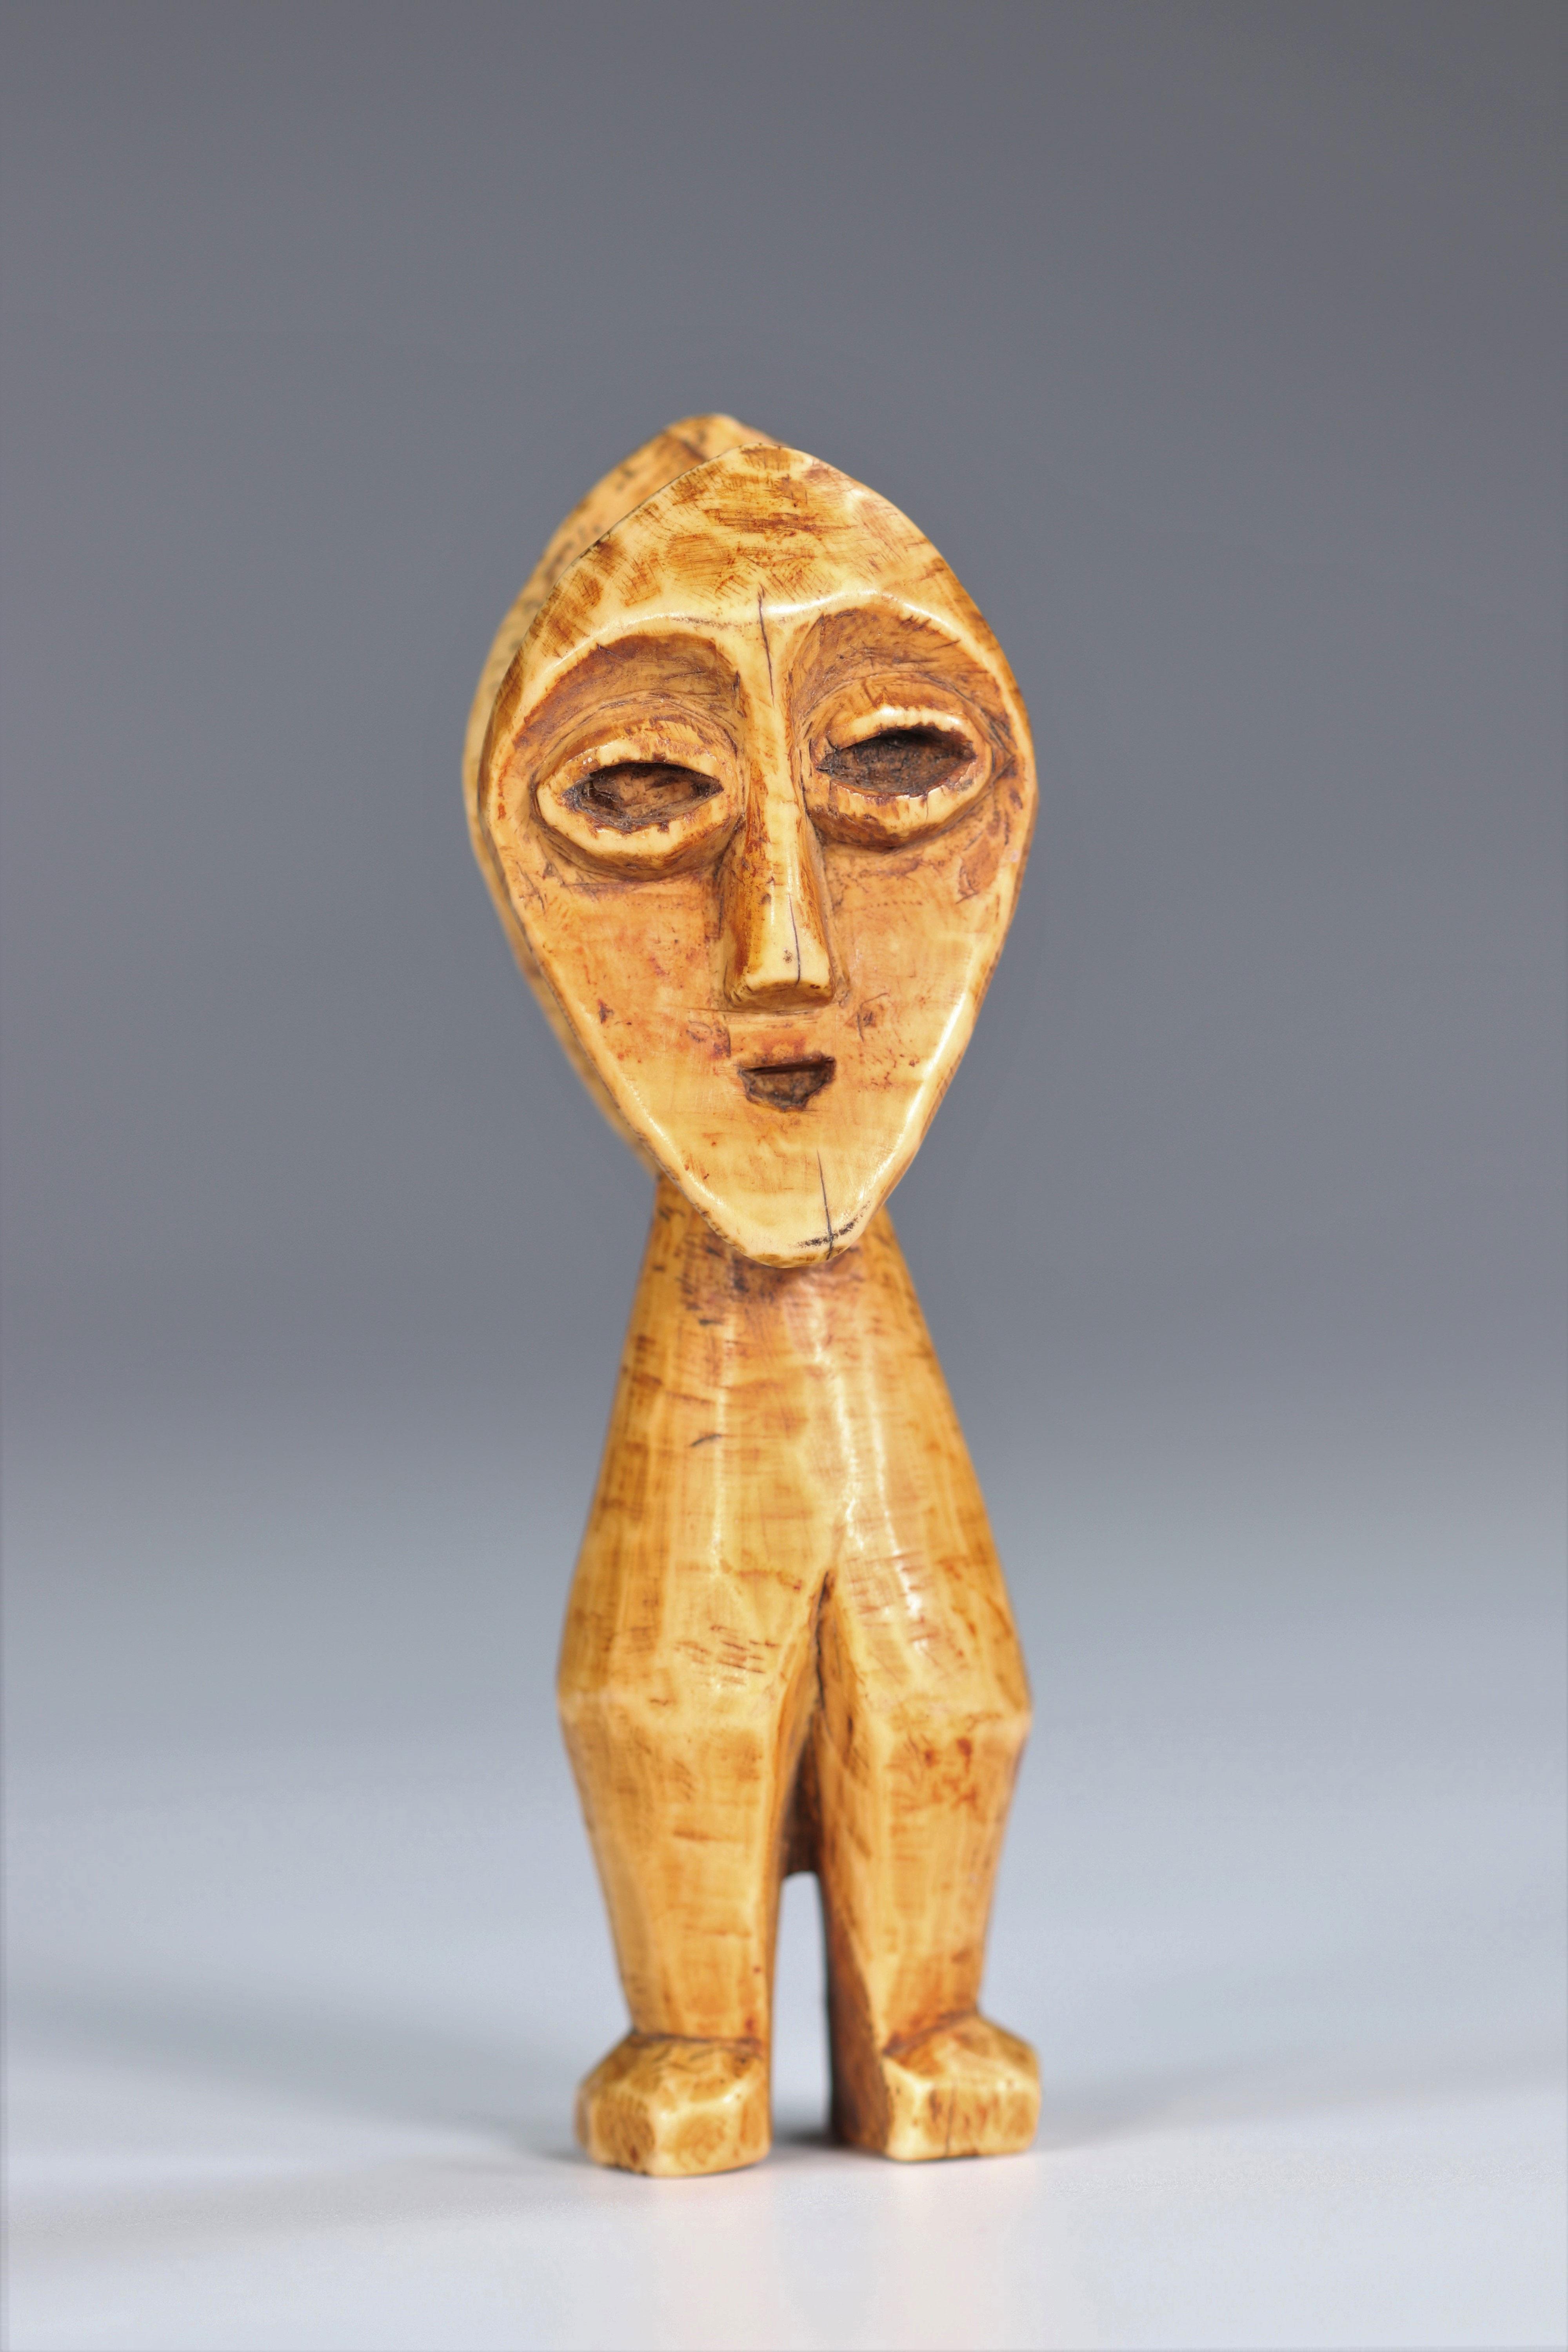 Statuette janus Lega DRC Ivory - mid20th - Image 2 of 5